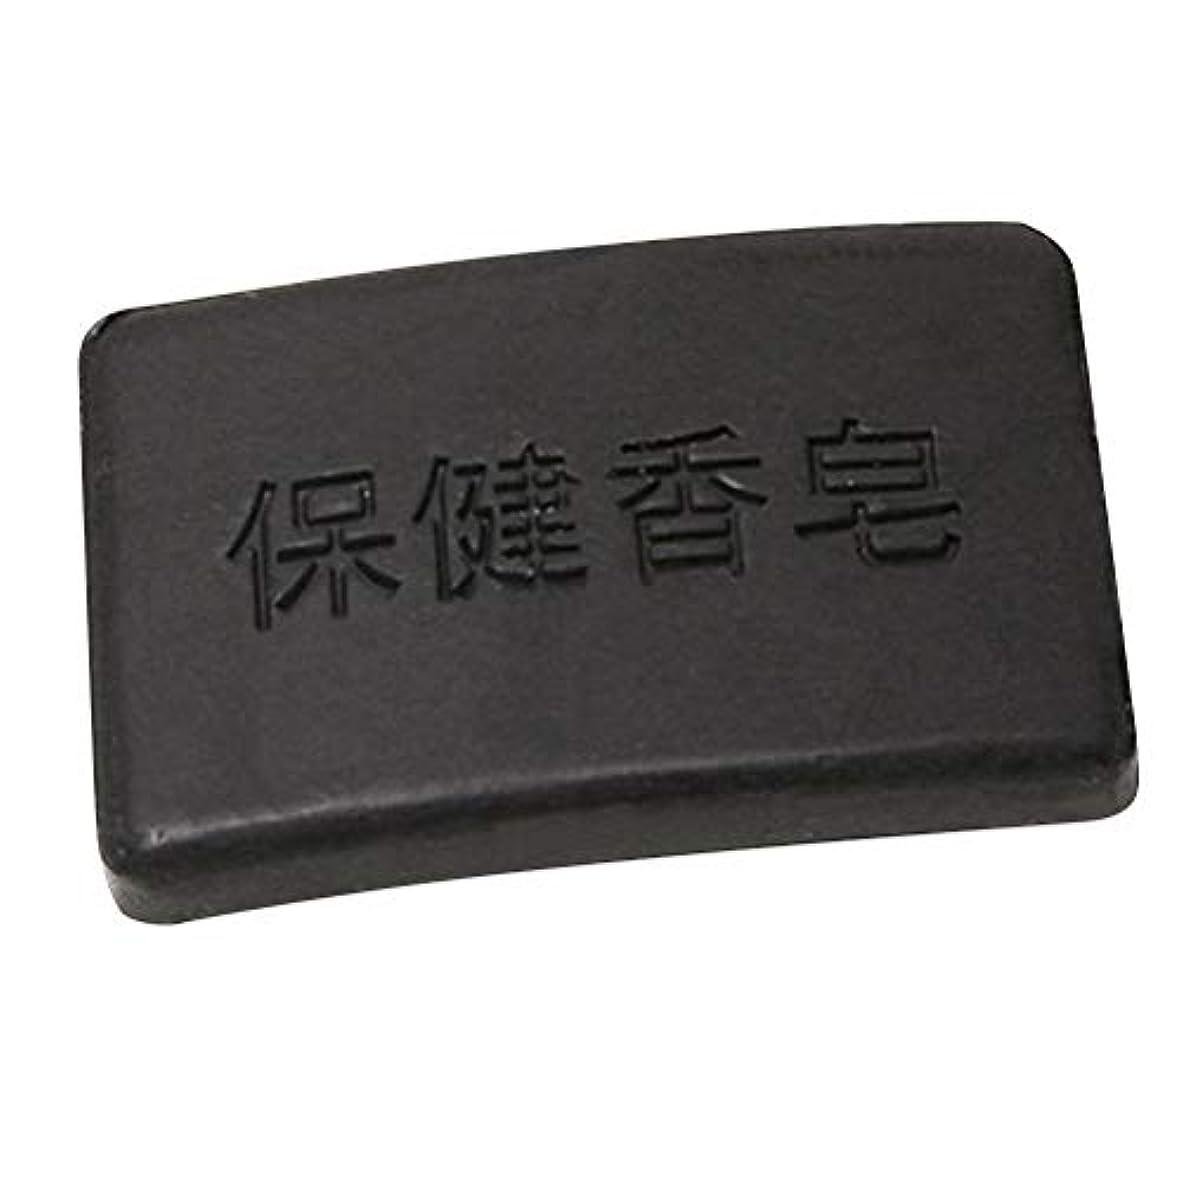 糸レンジかまどSUPVOX 40グラムプロポリス竹炭石鹸クレンジング健康石鹸入浴石鹸